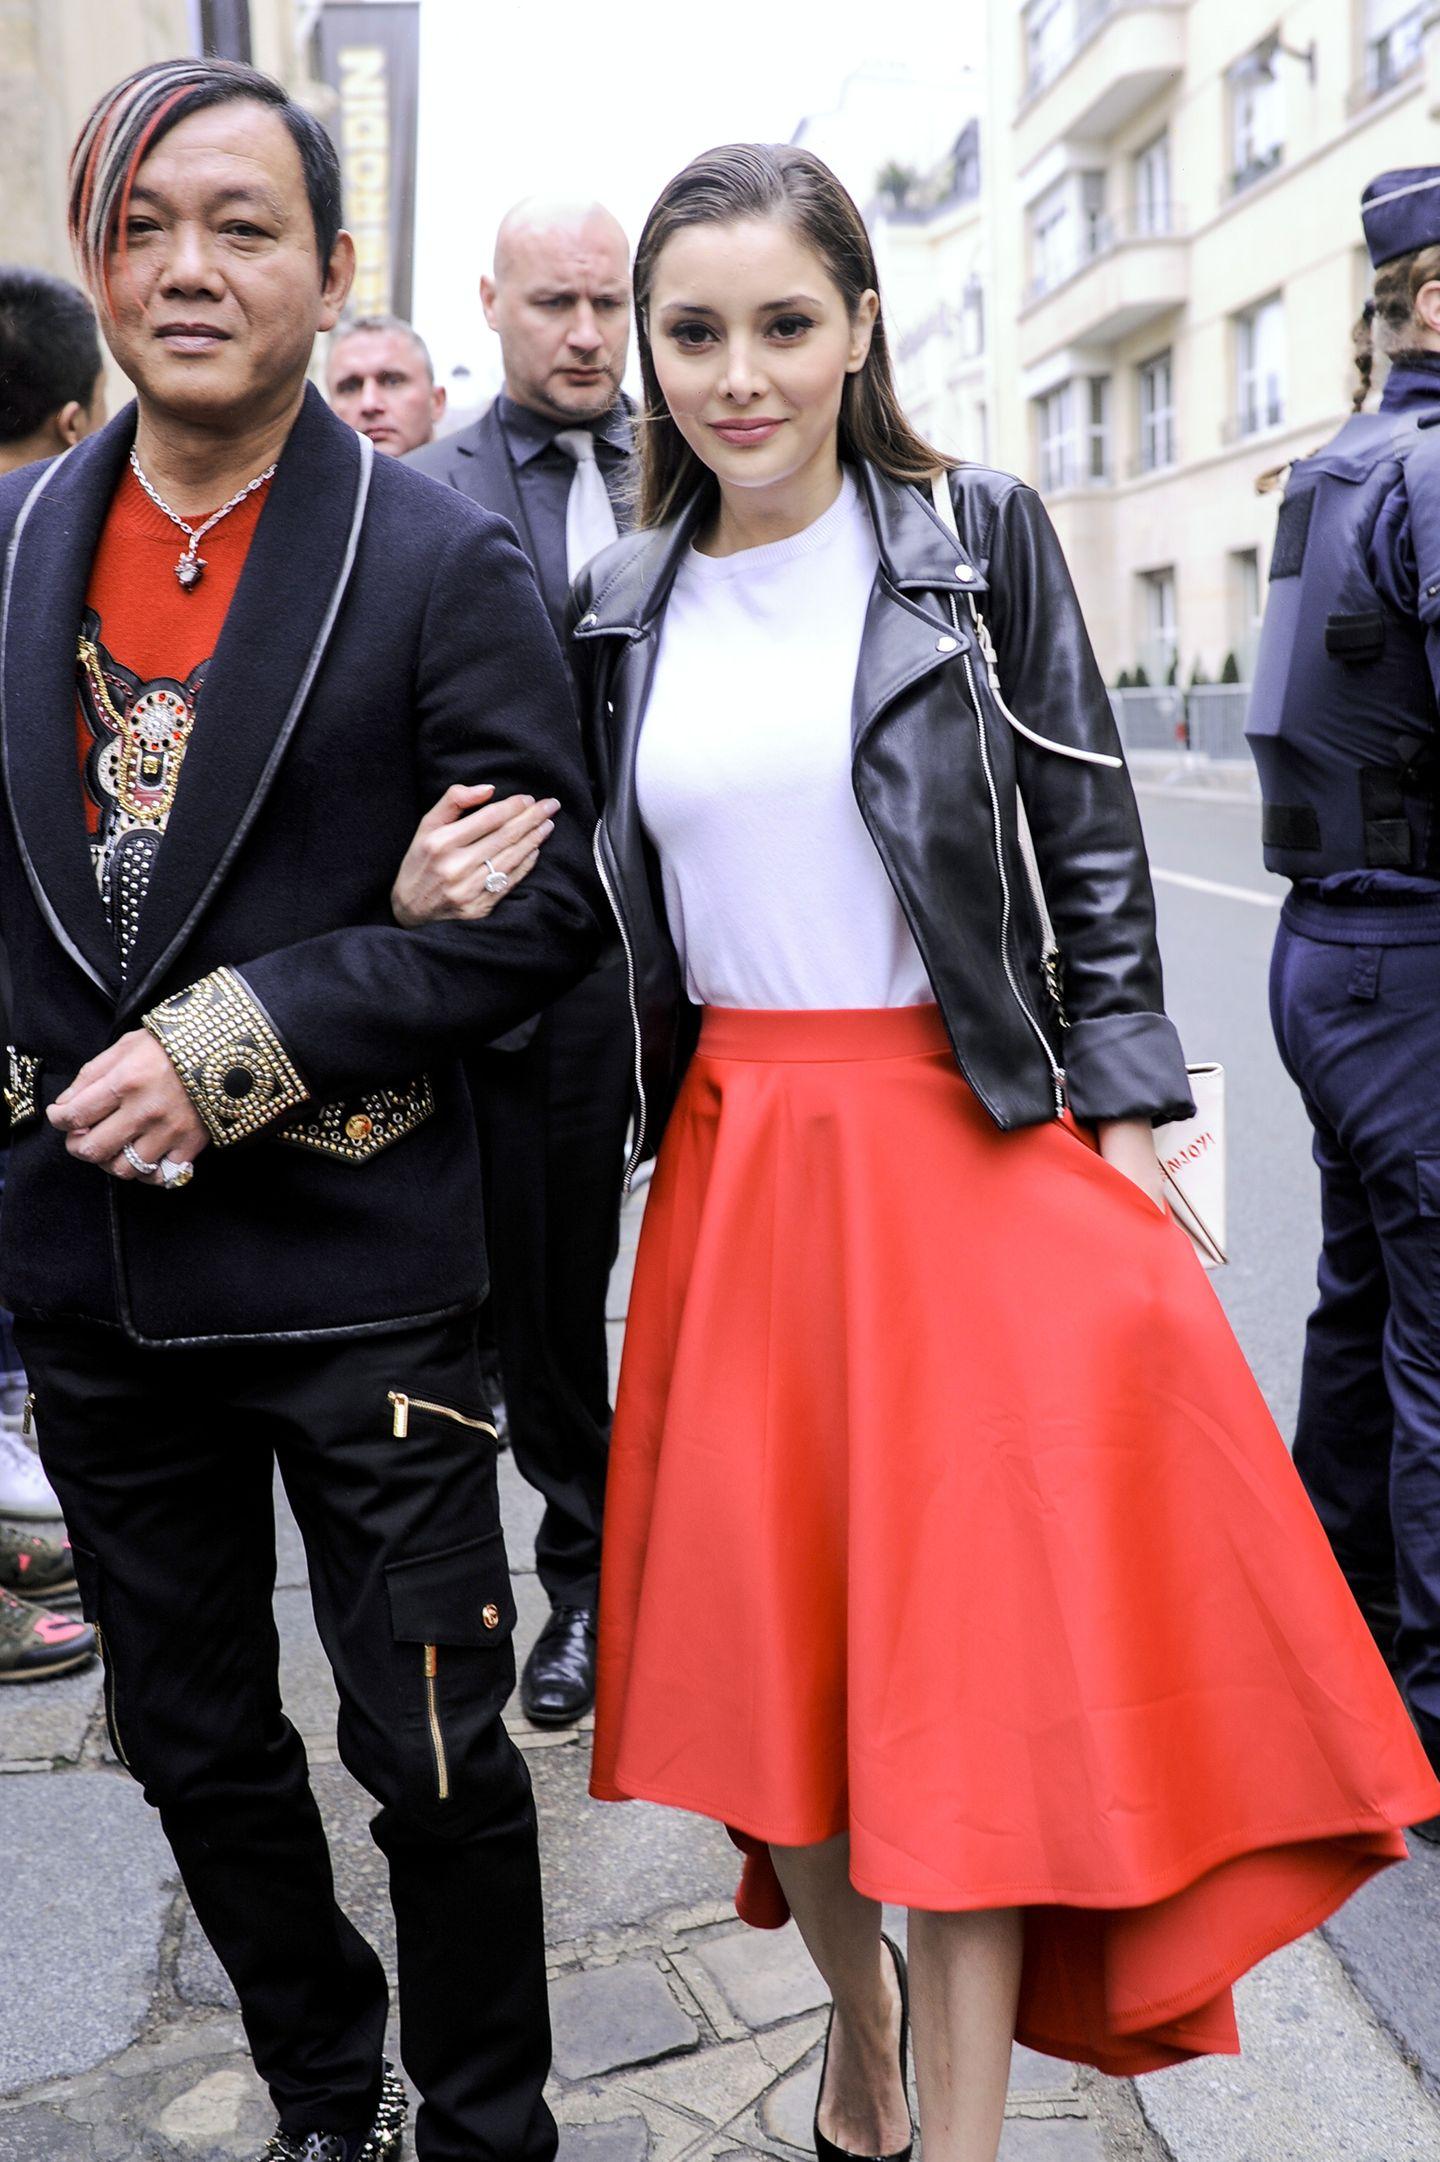 Ausgestellte Midi-Röcke in knalligen Farben sehen wir gerade besonders gerne und oft. Hier schlicht kombiniert zu einem weißen Shirt und schwarzer Biker-Jacke.